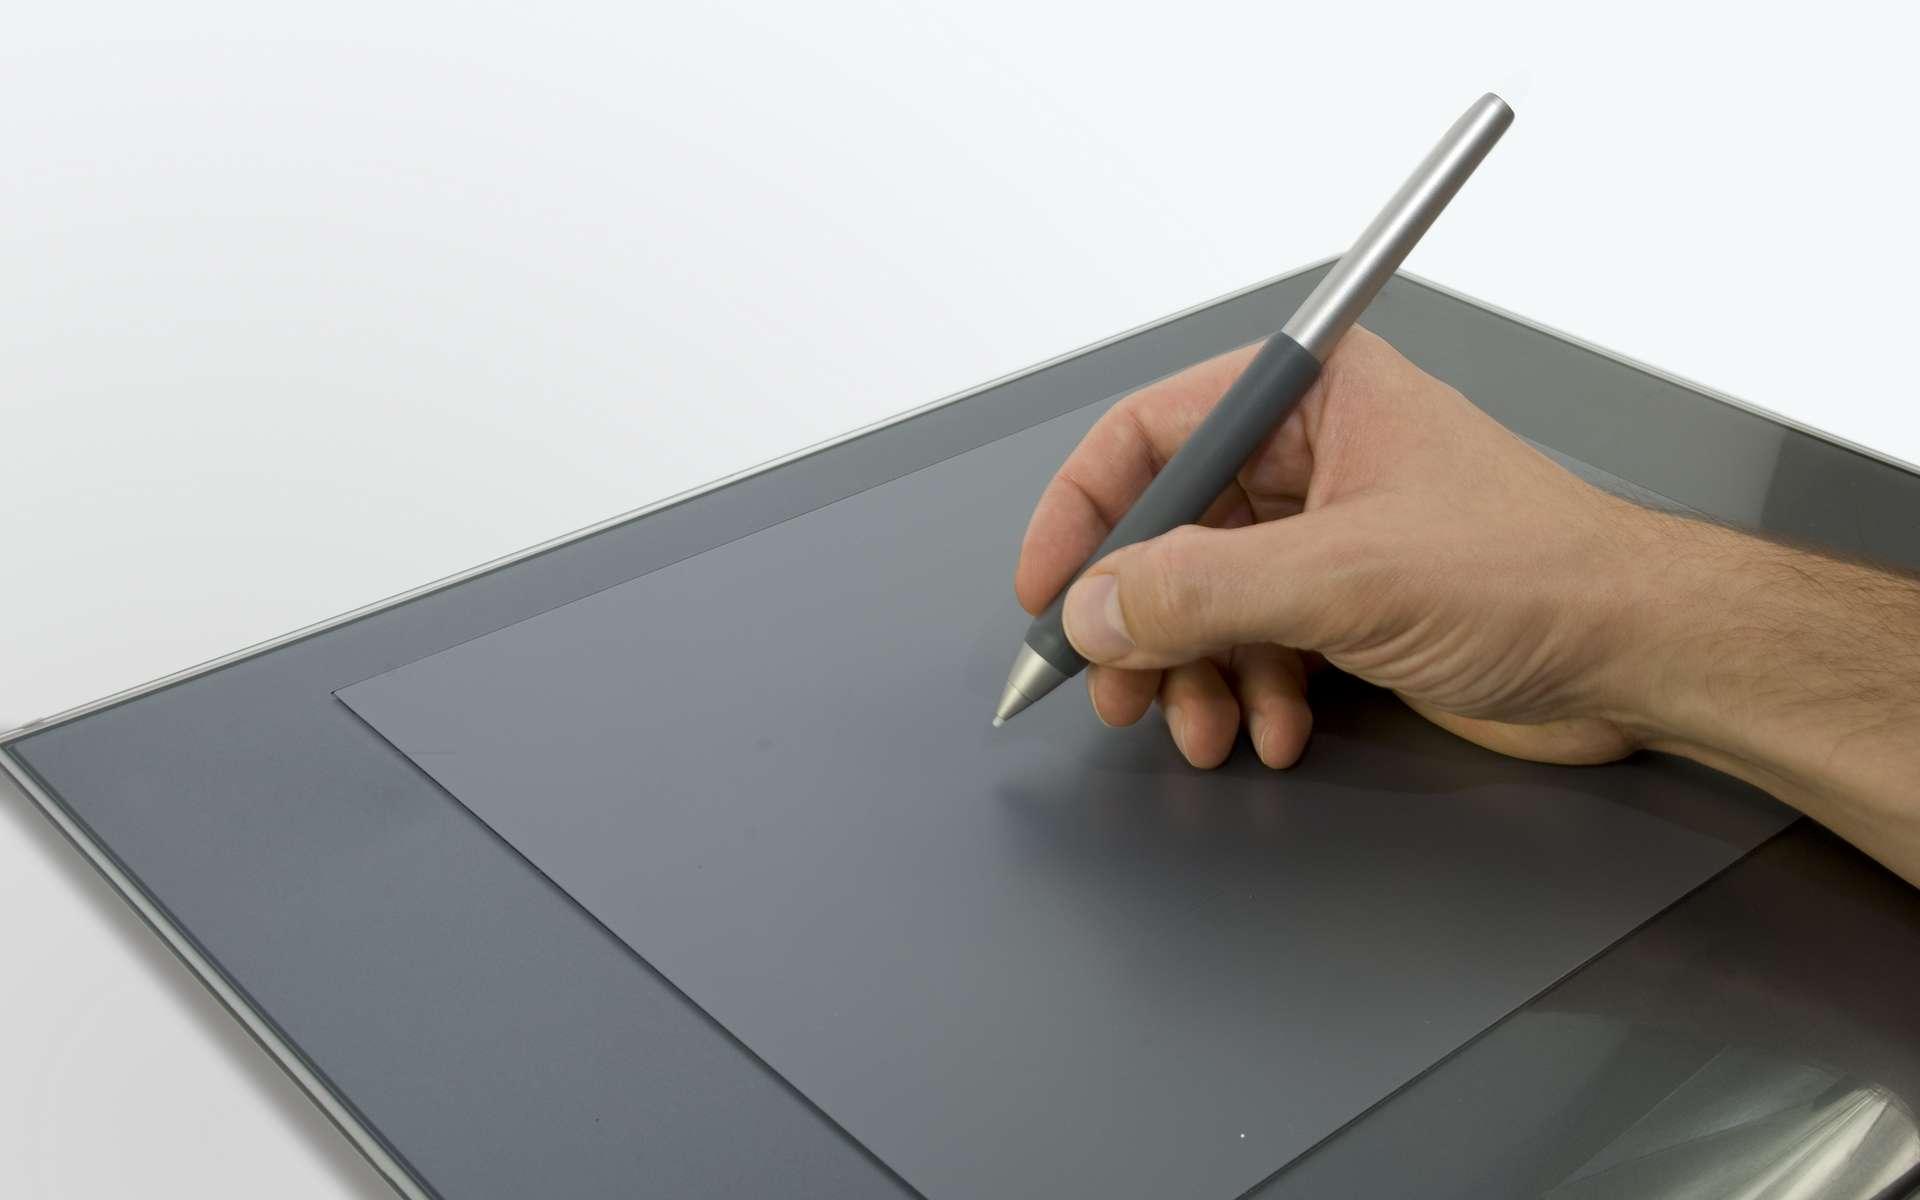 Le choix dépend de la maîtrise en dessin digital. © DURIS Guillaume, Adobe Stock